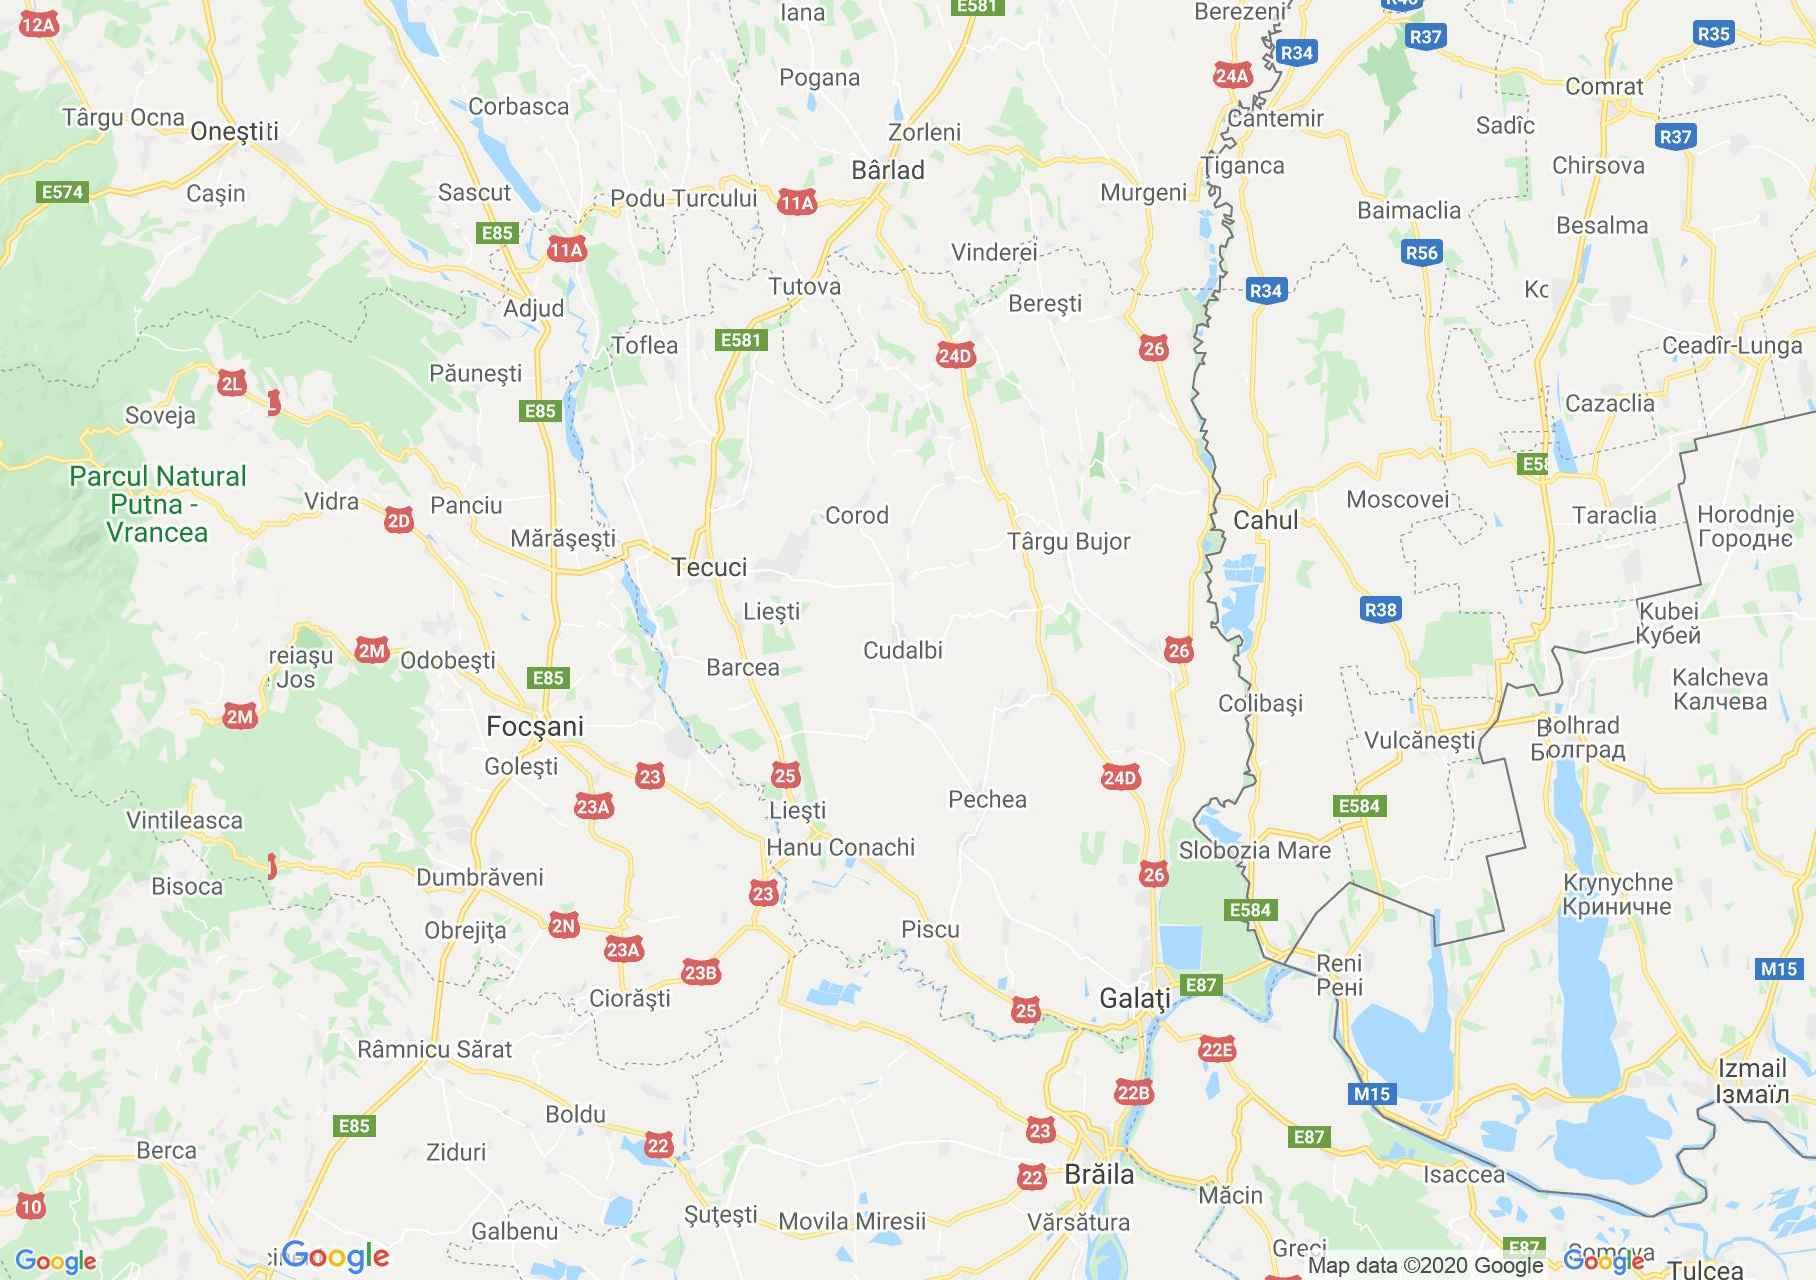 Galac megye: (Galac) interaktív turista térképe.